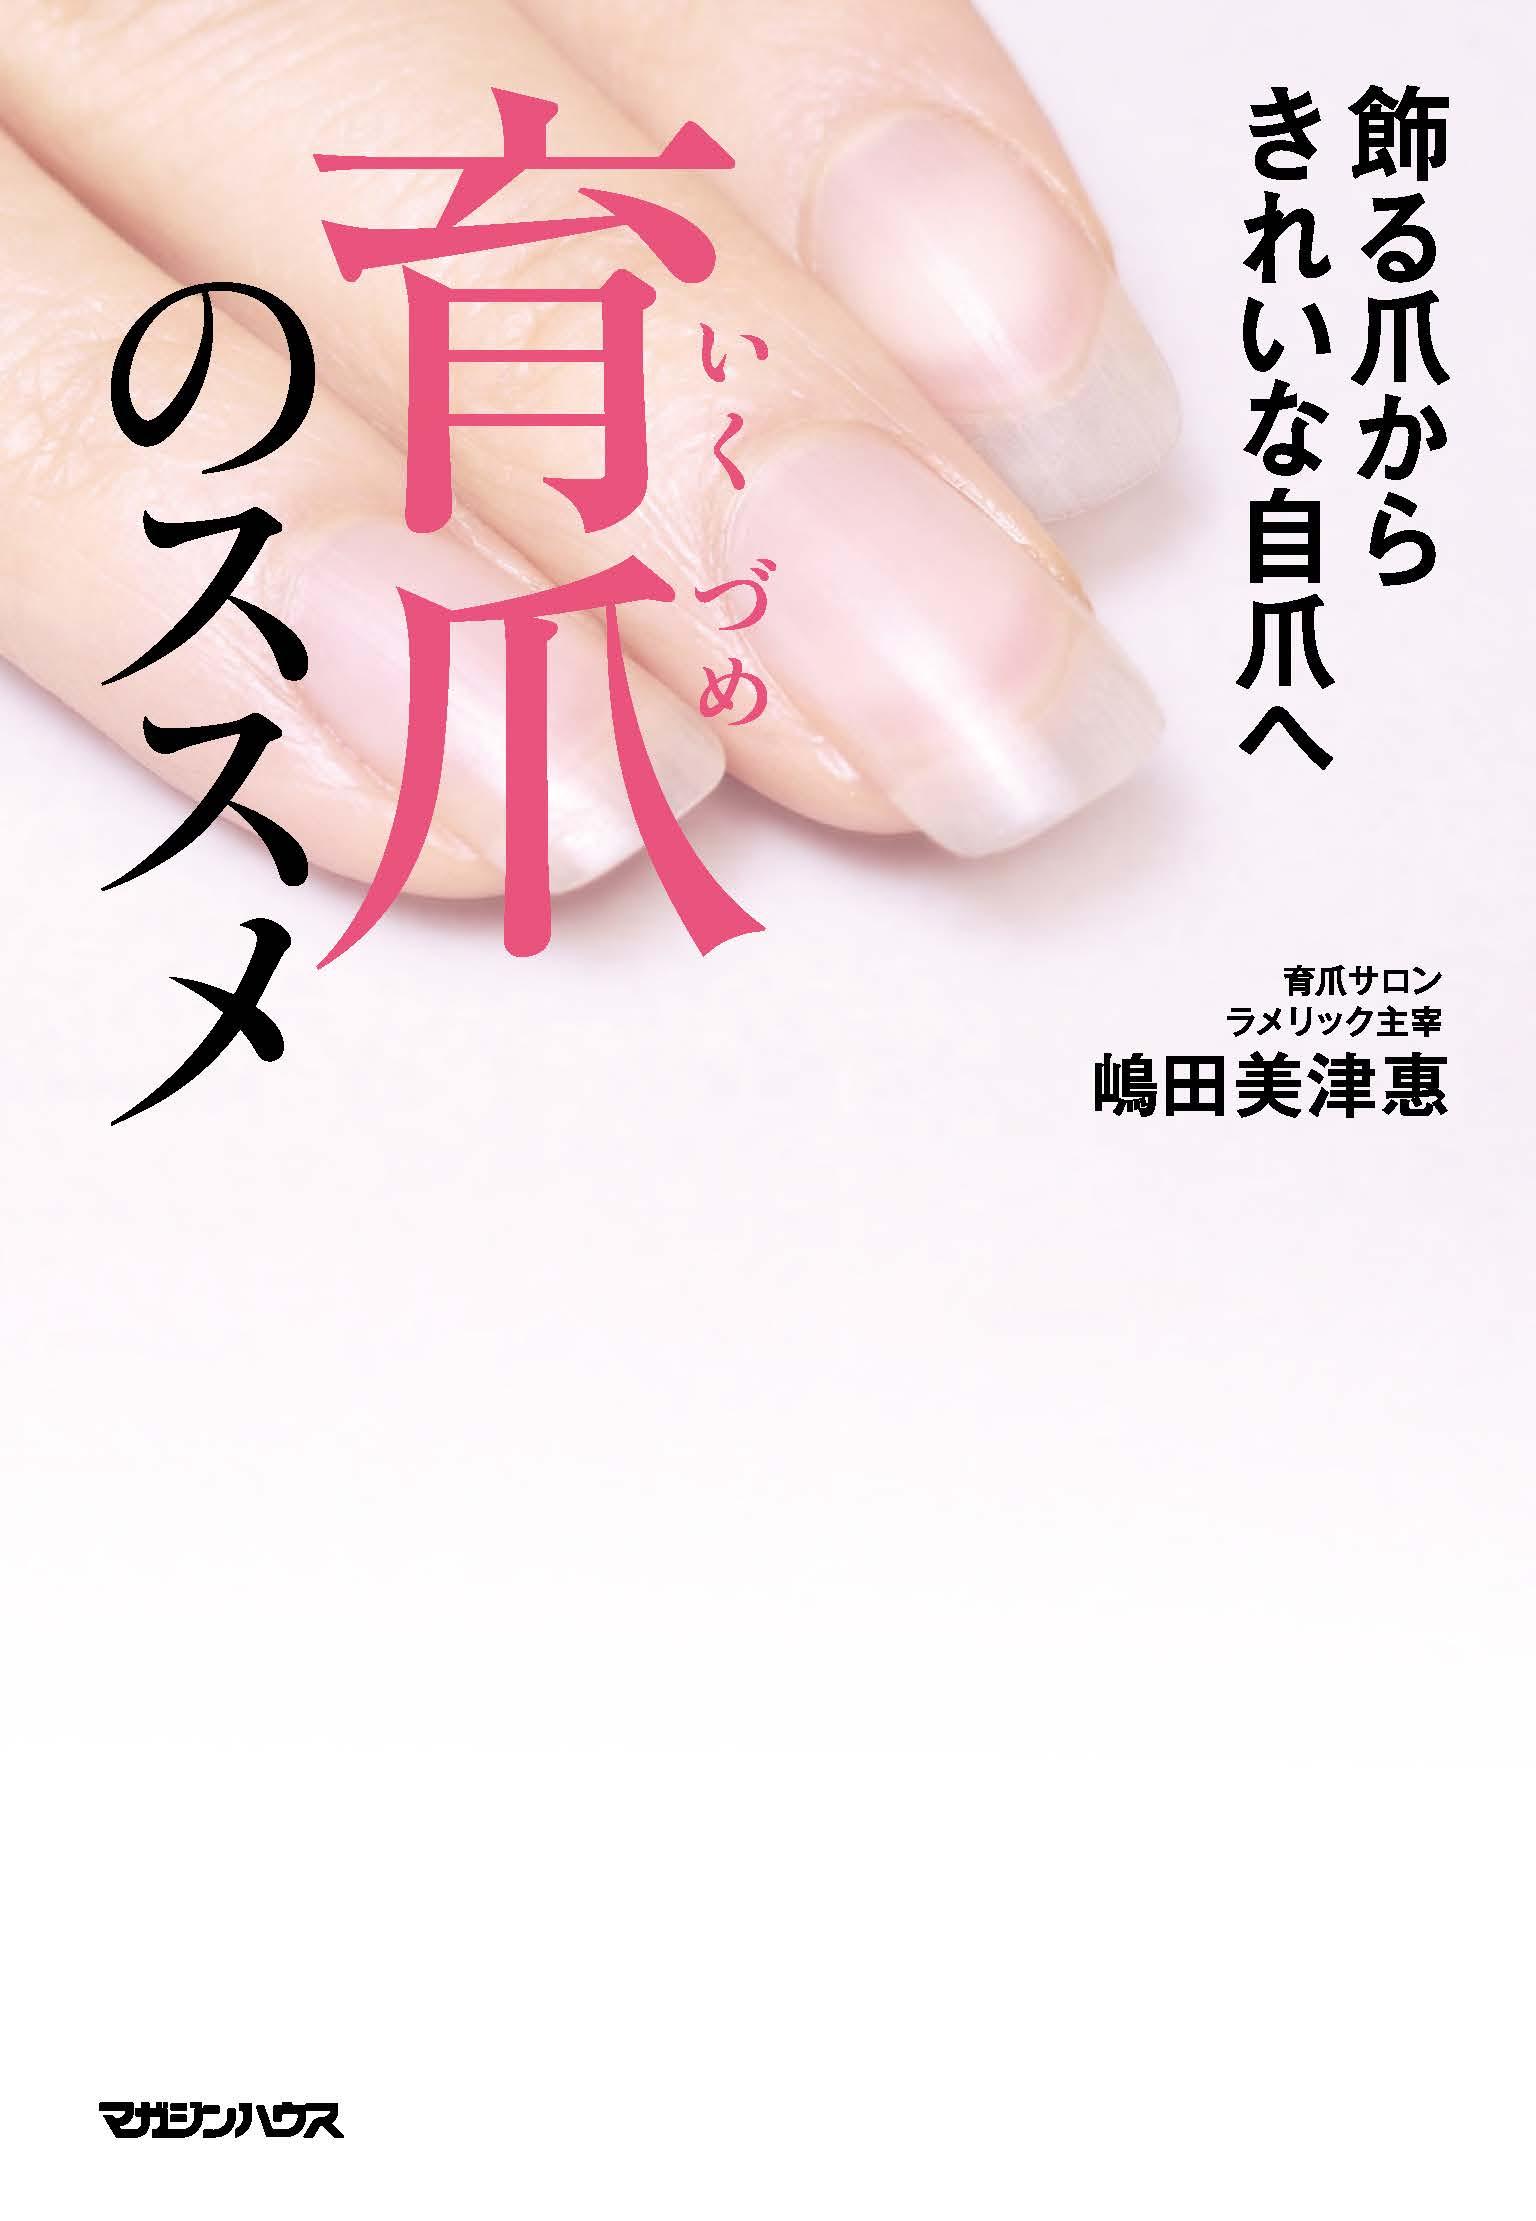 育爪のススメ 飾る爪から きれいな自爪へ表紙